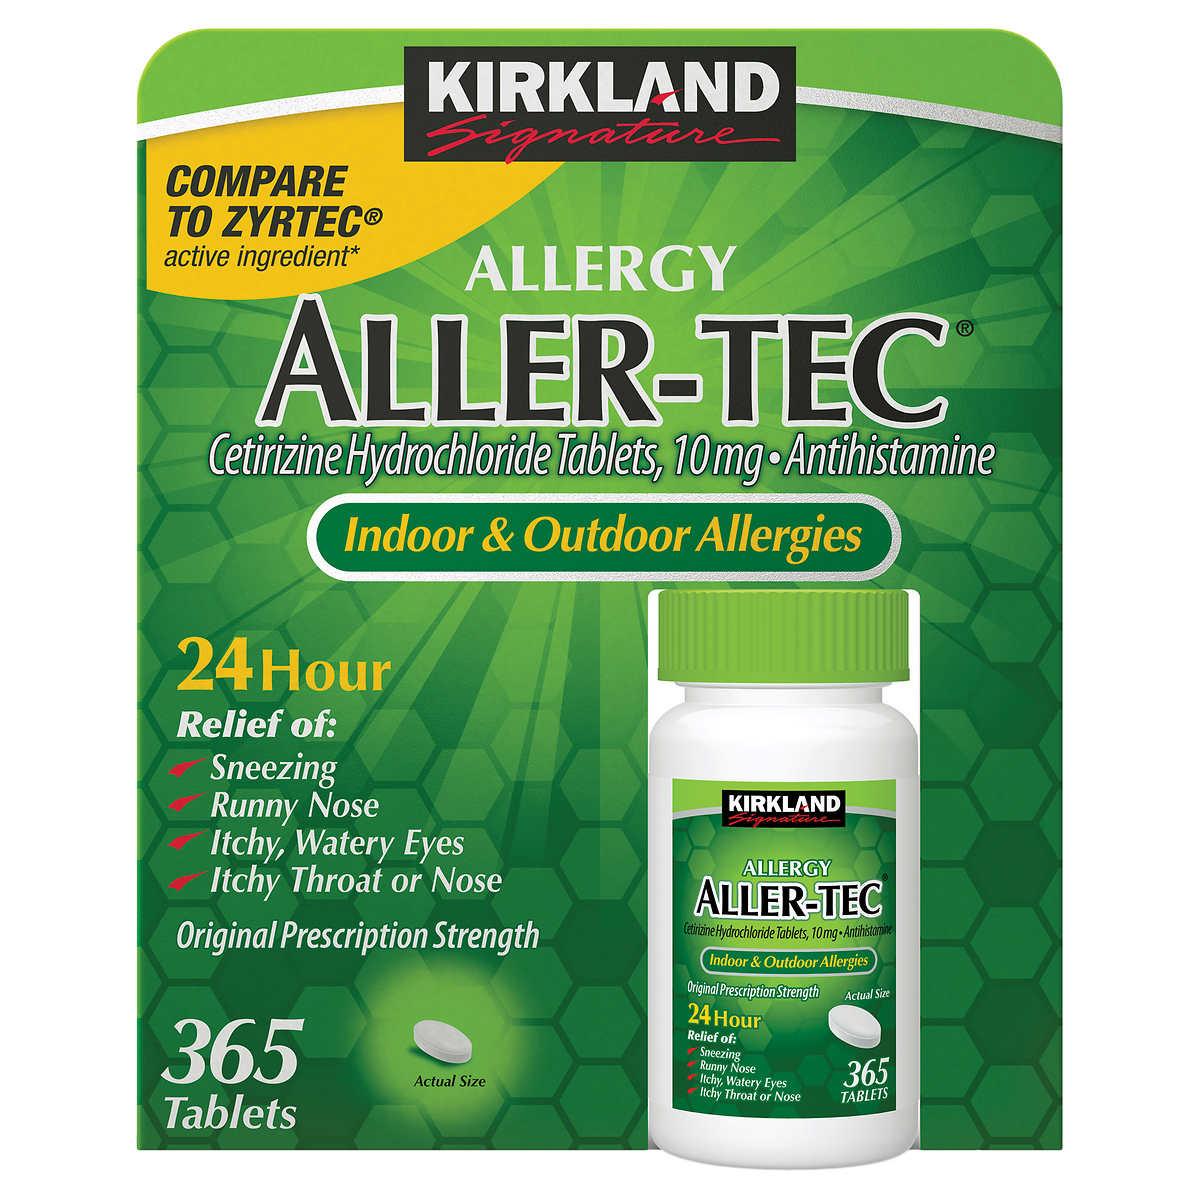 Kirkland Signature Aller Tec 365 Tablets